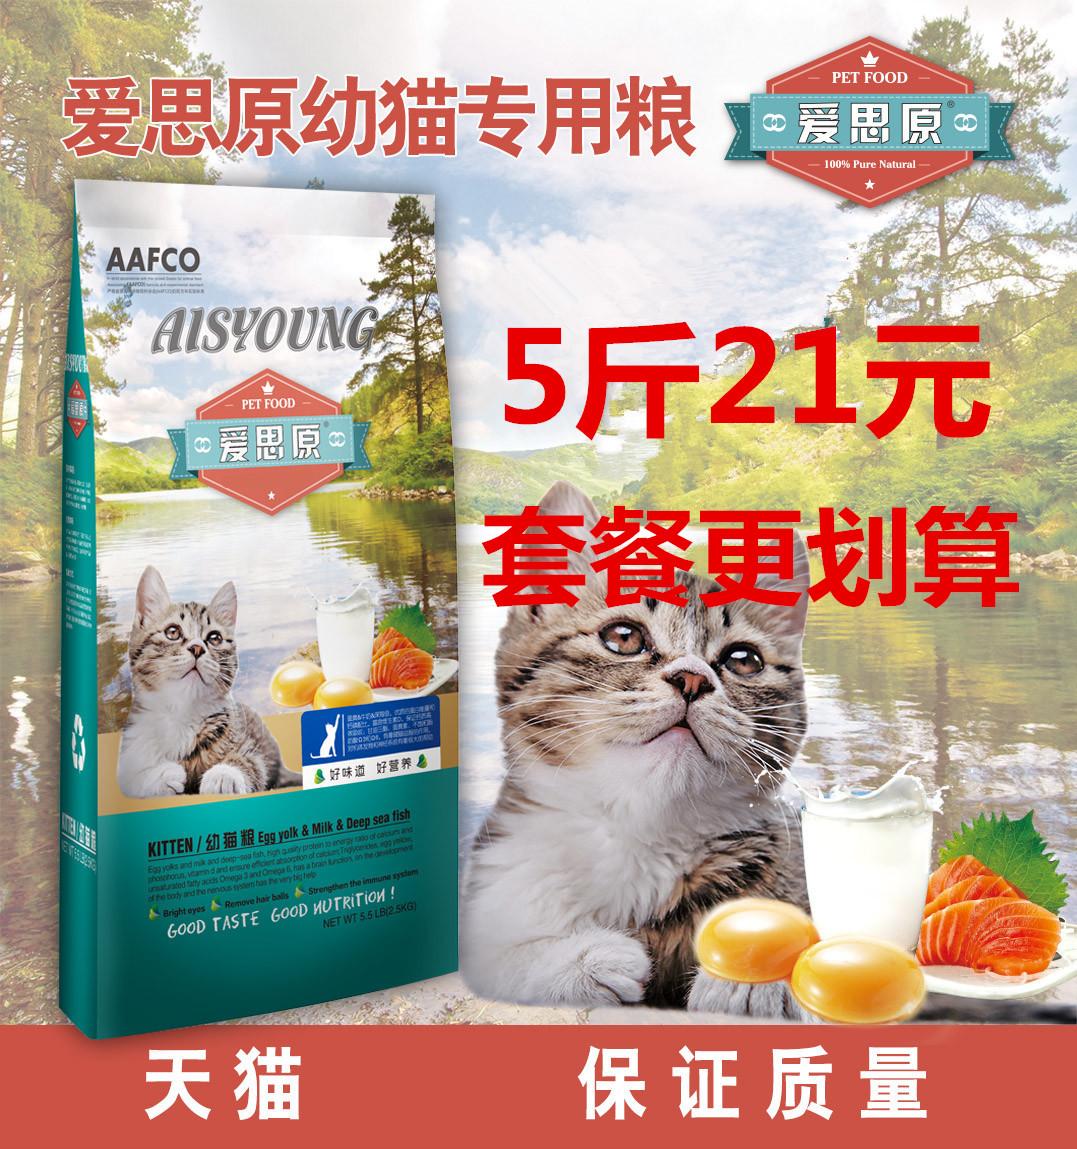 貓糧 天然糧 10海洋魚味 2.5kg 幼貓糧成貓糧食流浪老年 貓咪主糧